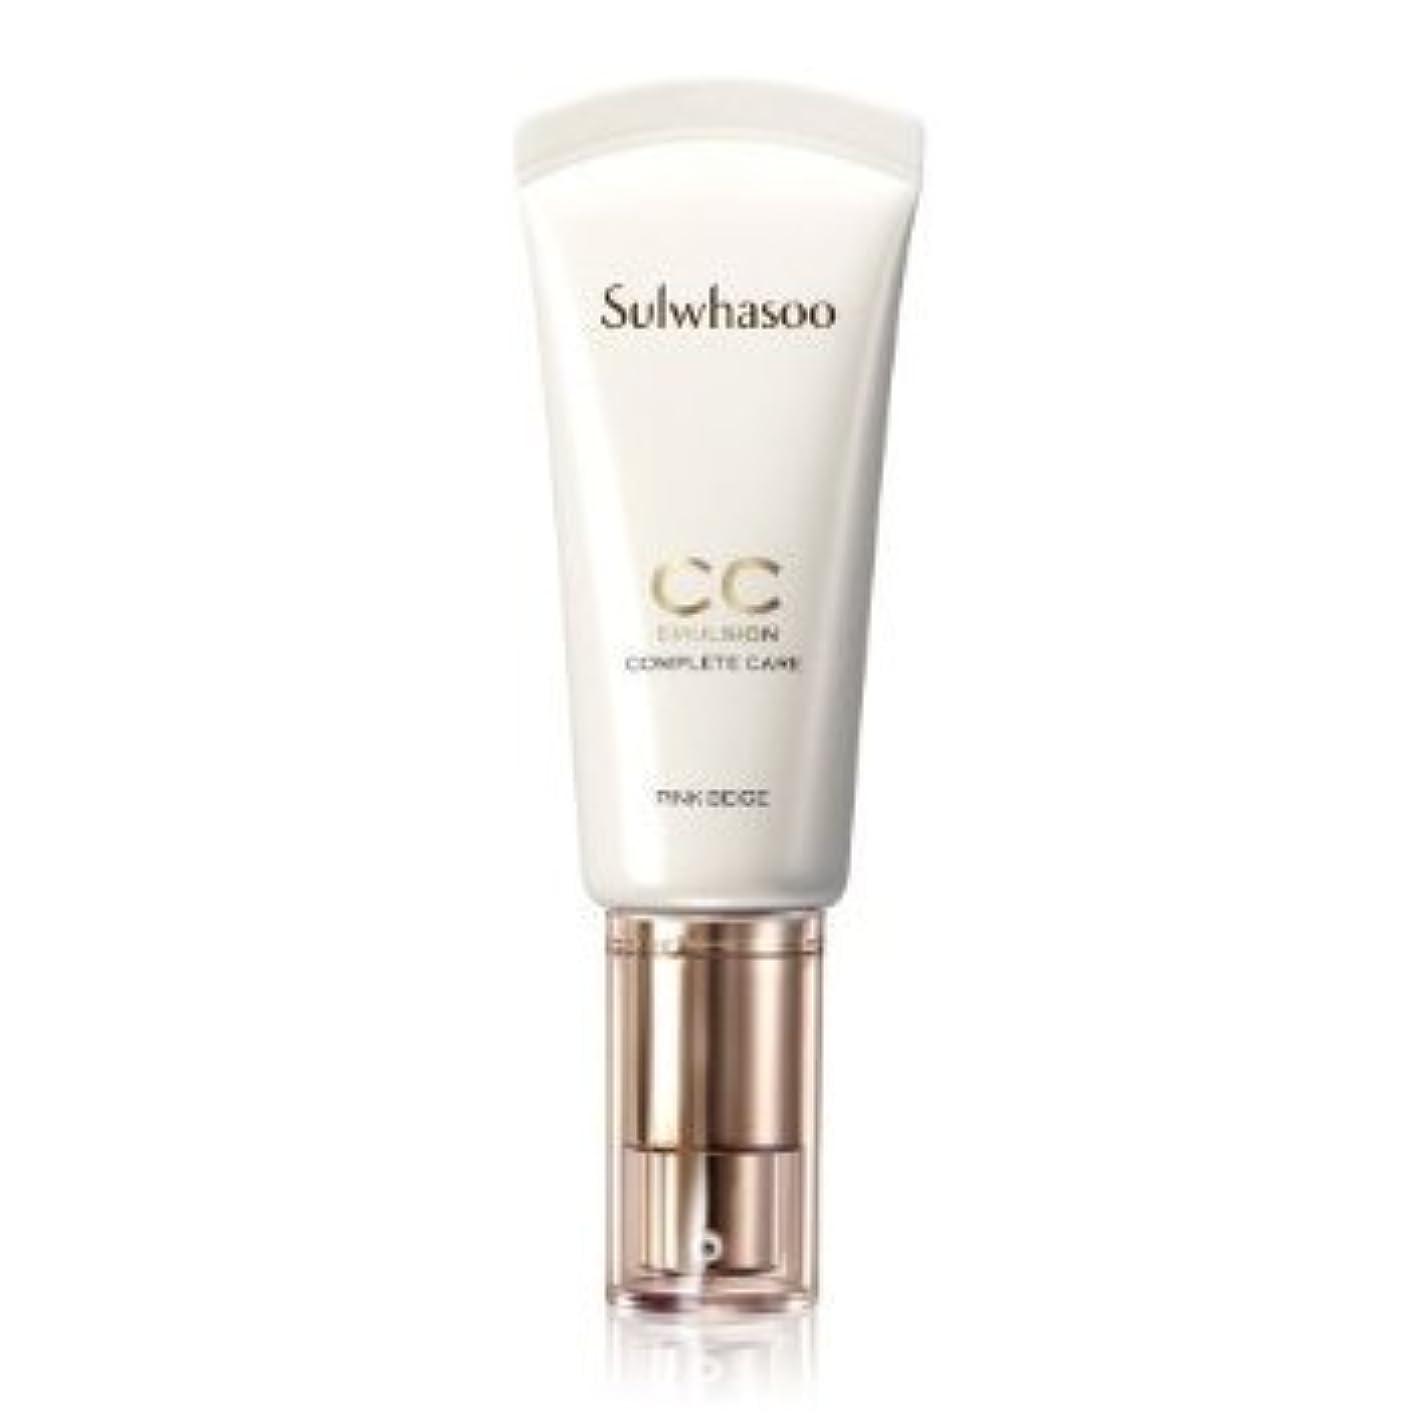 形状ヒロイック石炭Sulwhasoo CC Emulsion BB Cream Blemish Balm #02 Medium Beige[並行輸入品]